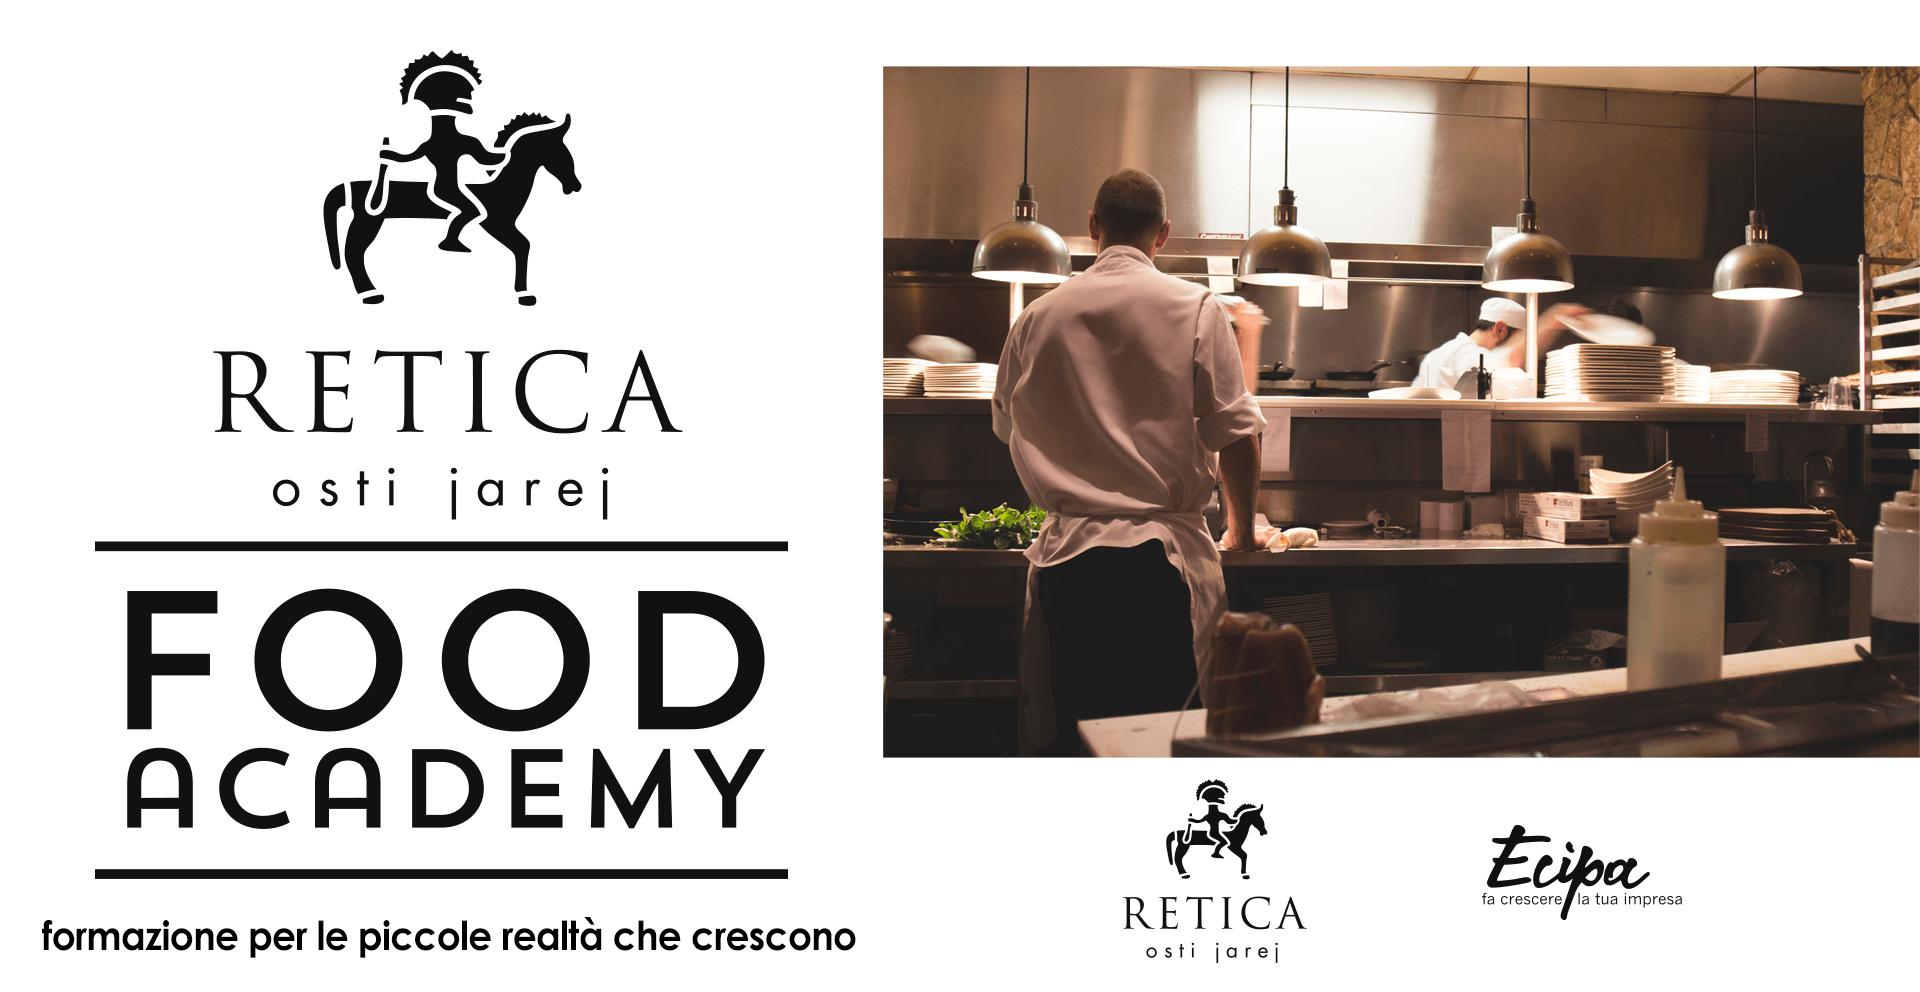 food academy web marketing comunicazione innovazione corsi formazione retica padova belluno